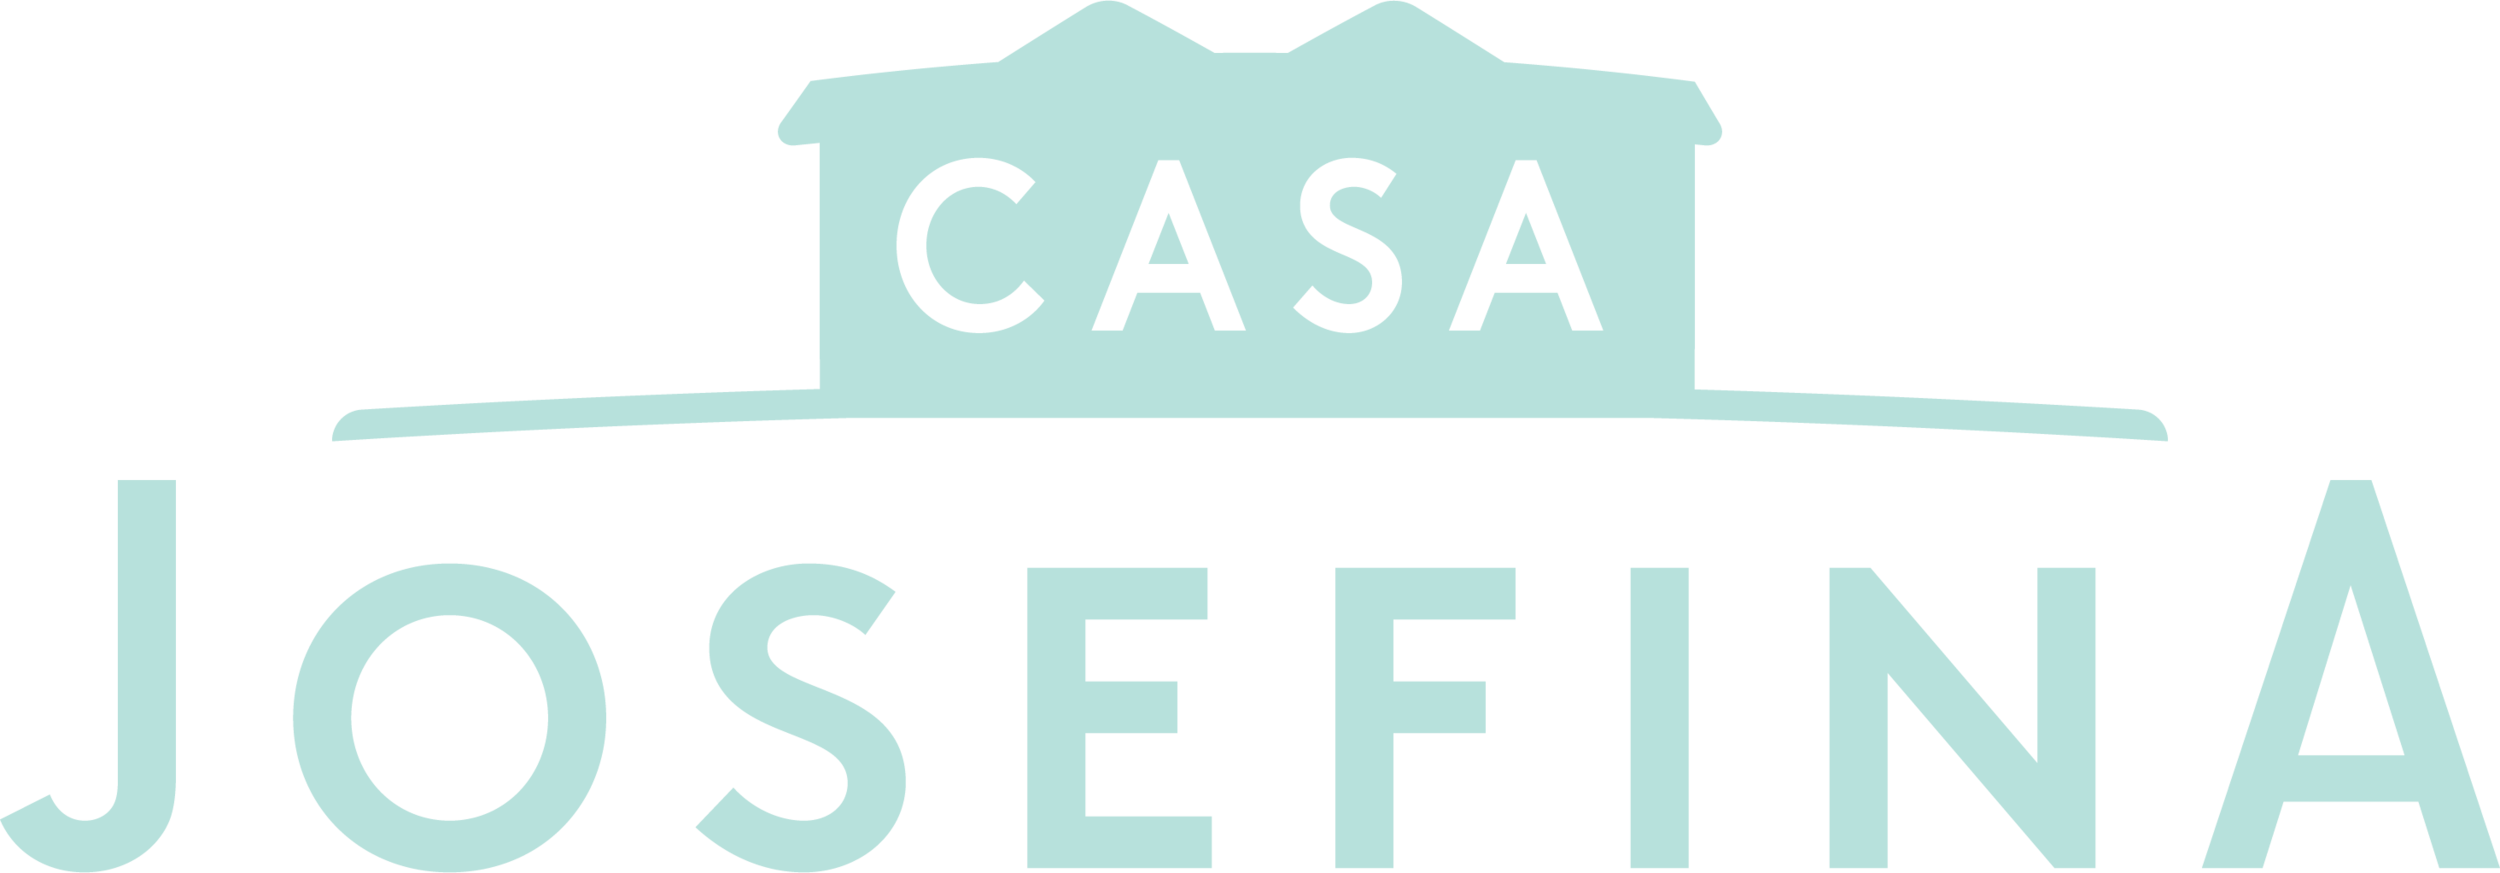 CASA_logo_secondary_lightgreen_rgb.png